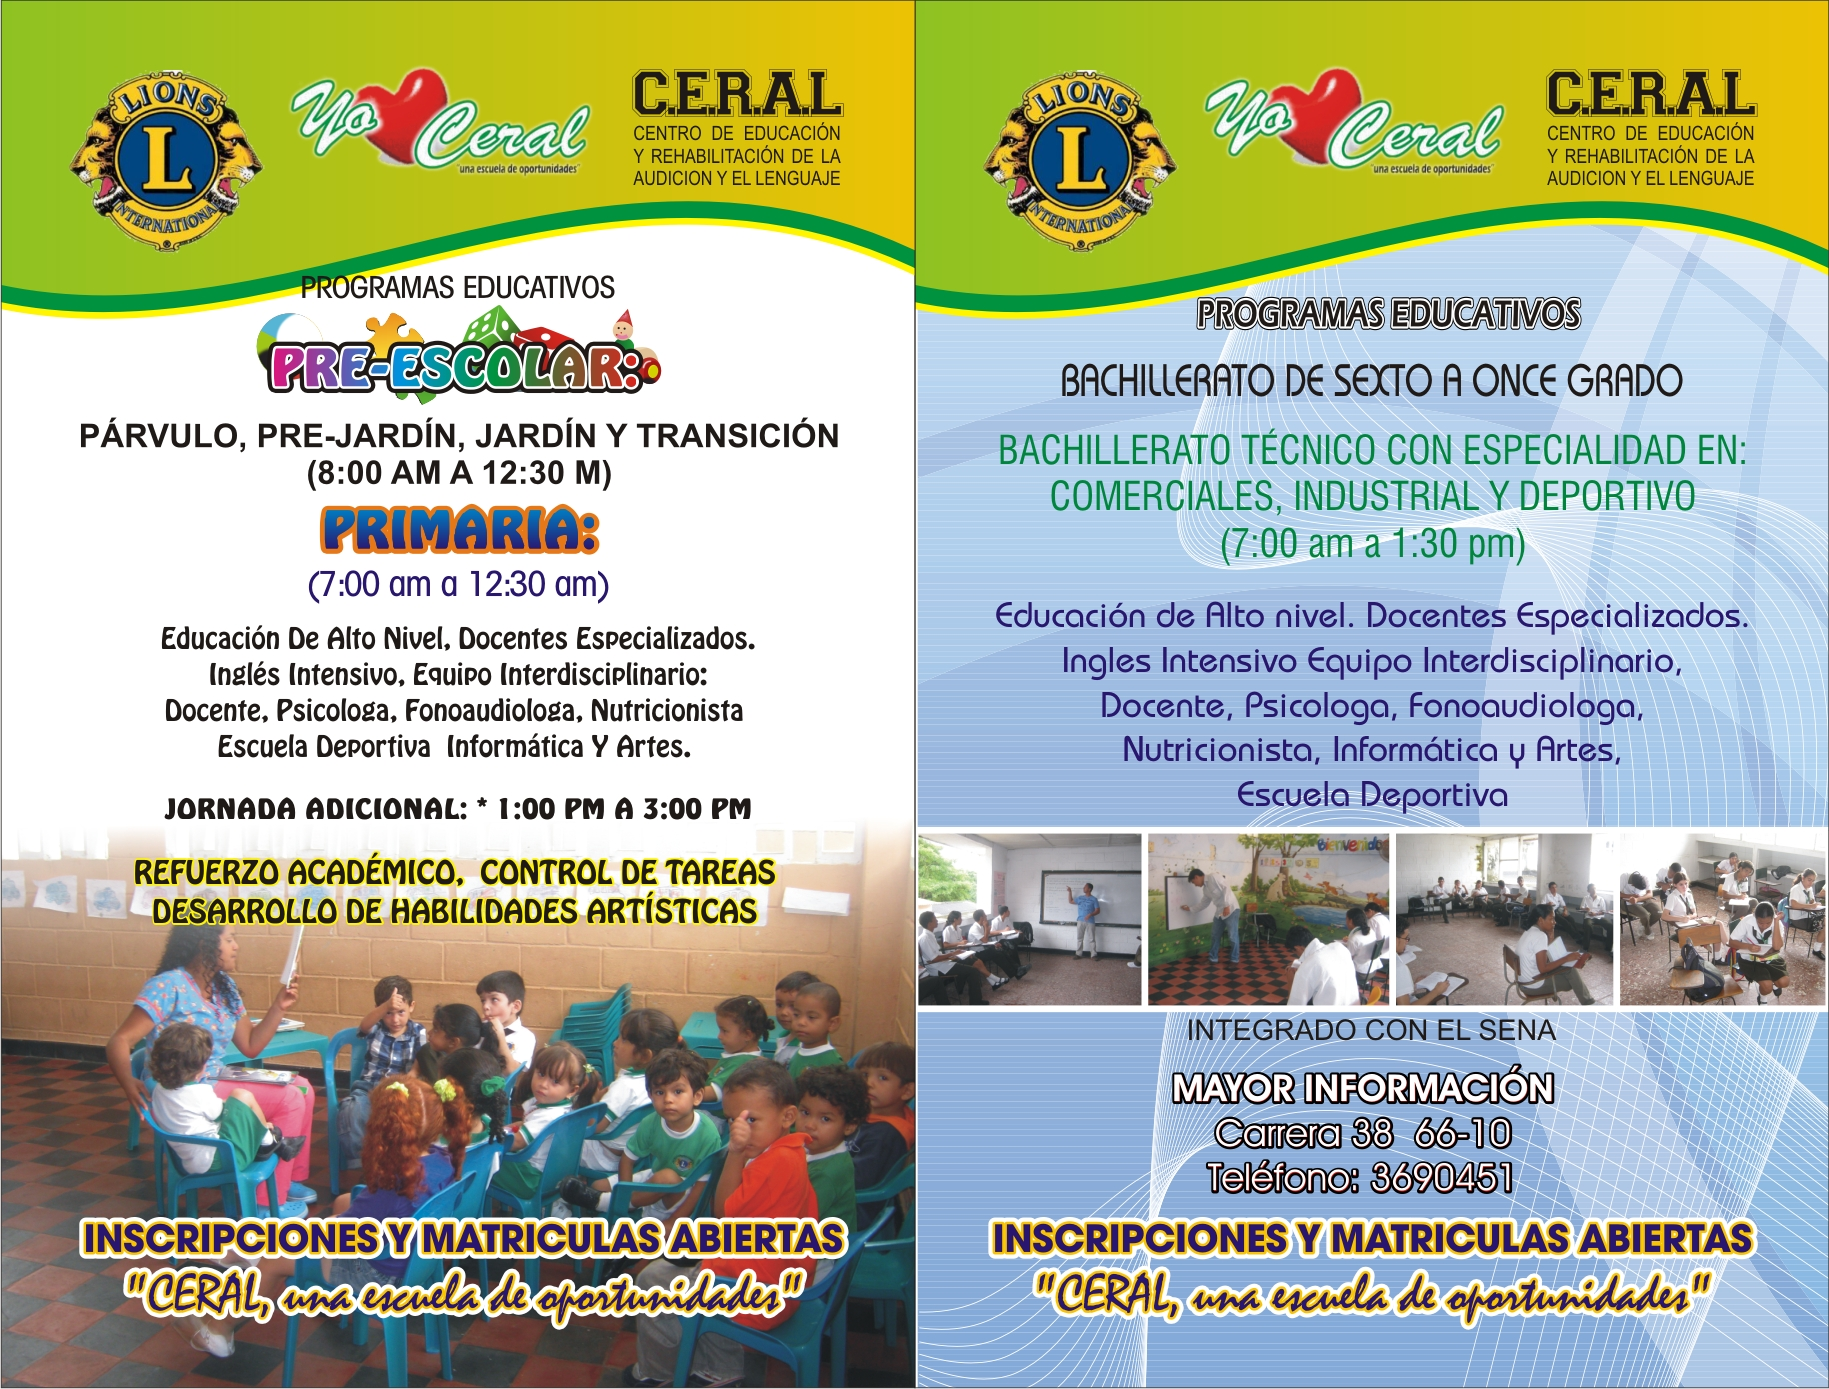 Centro de Educación y Rehabilitación de la Audición y el Lenguaje CERAL